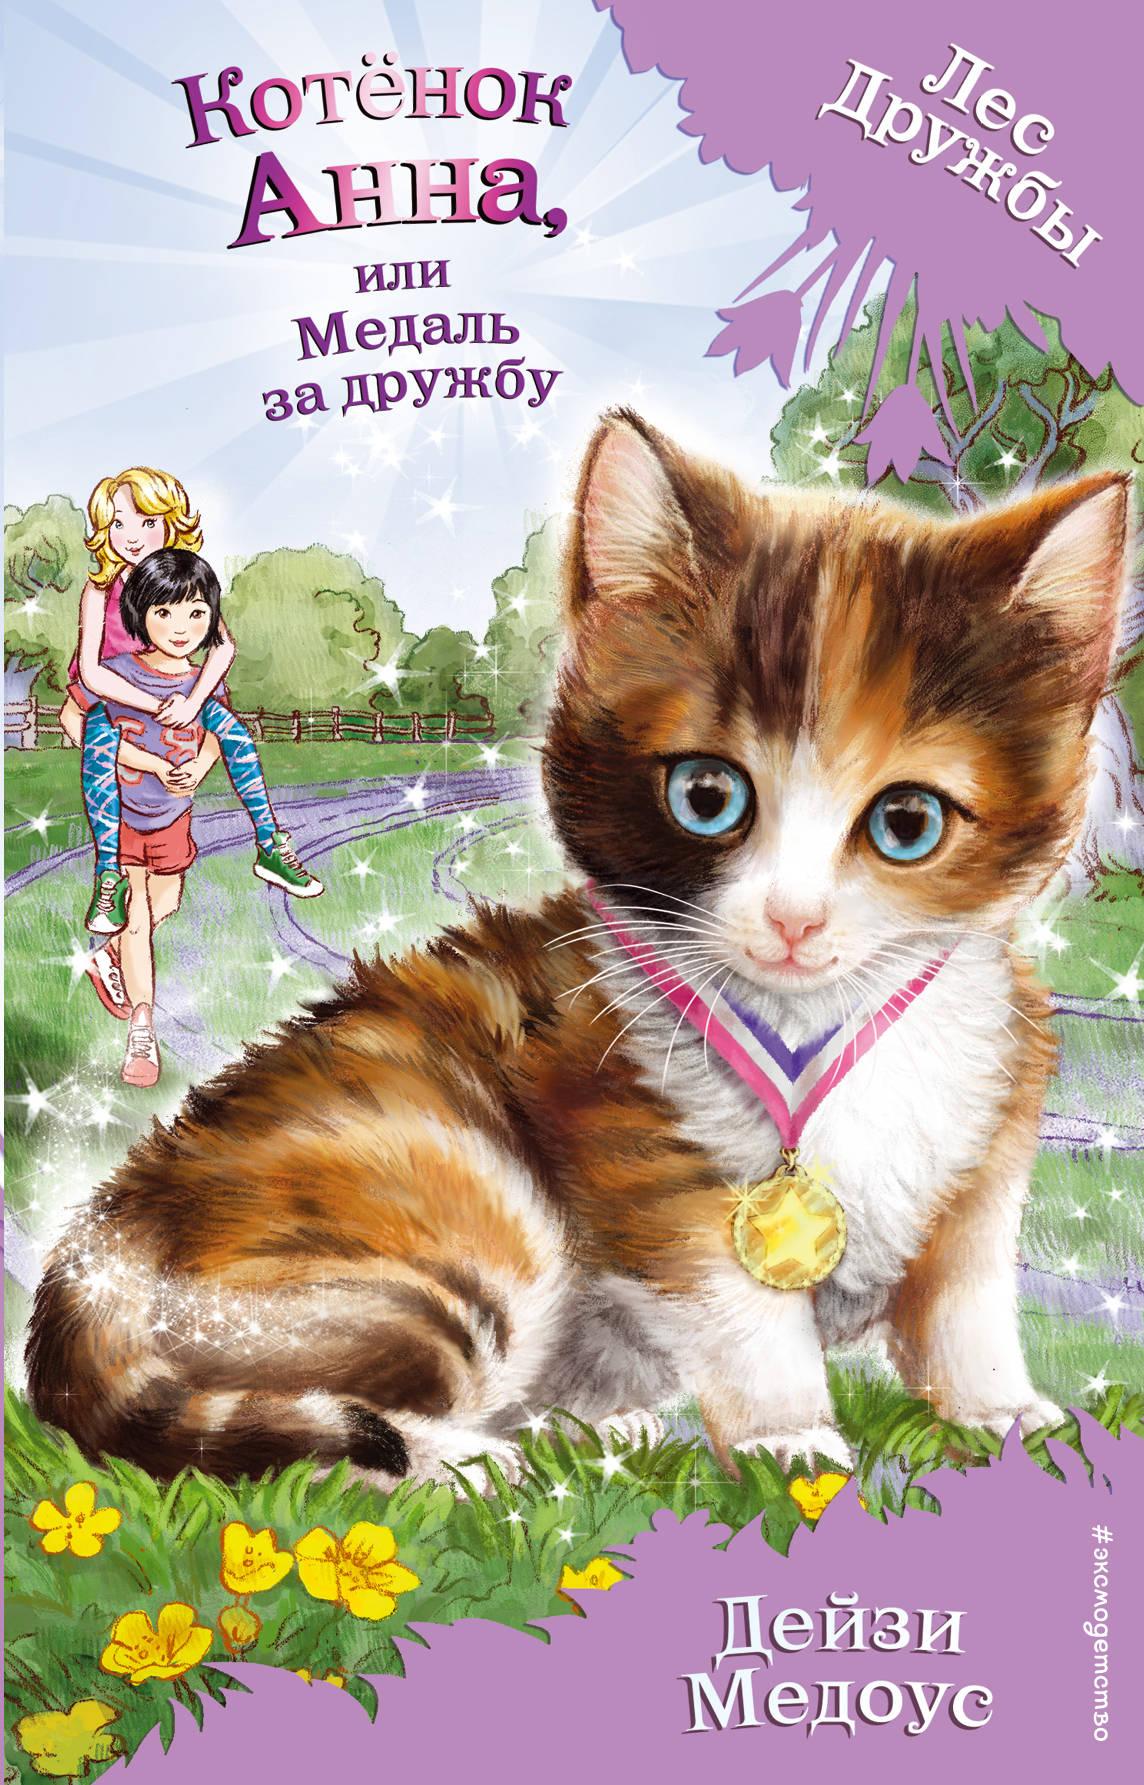 Котёнок Анна, или Медаль за дружбу (выпуск 26)